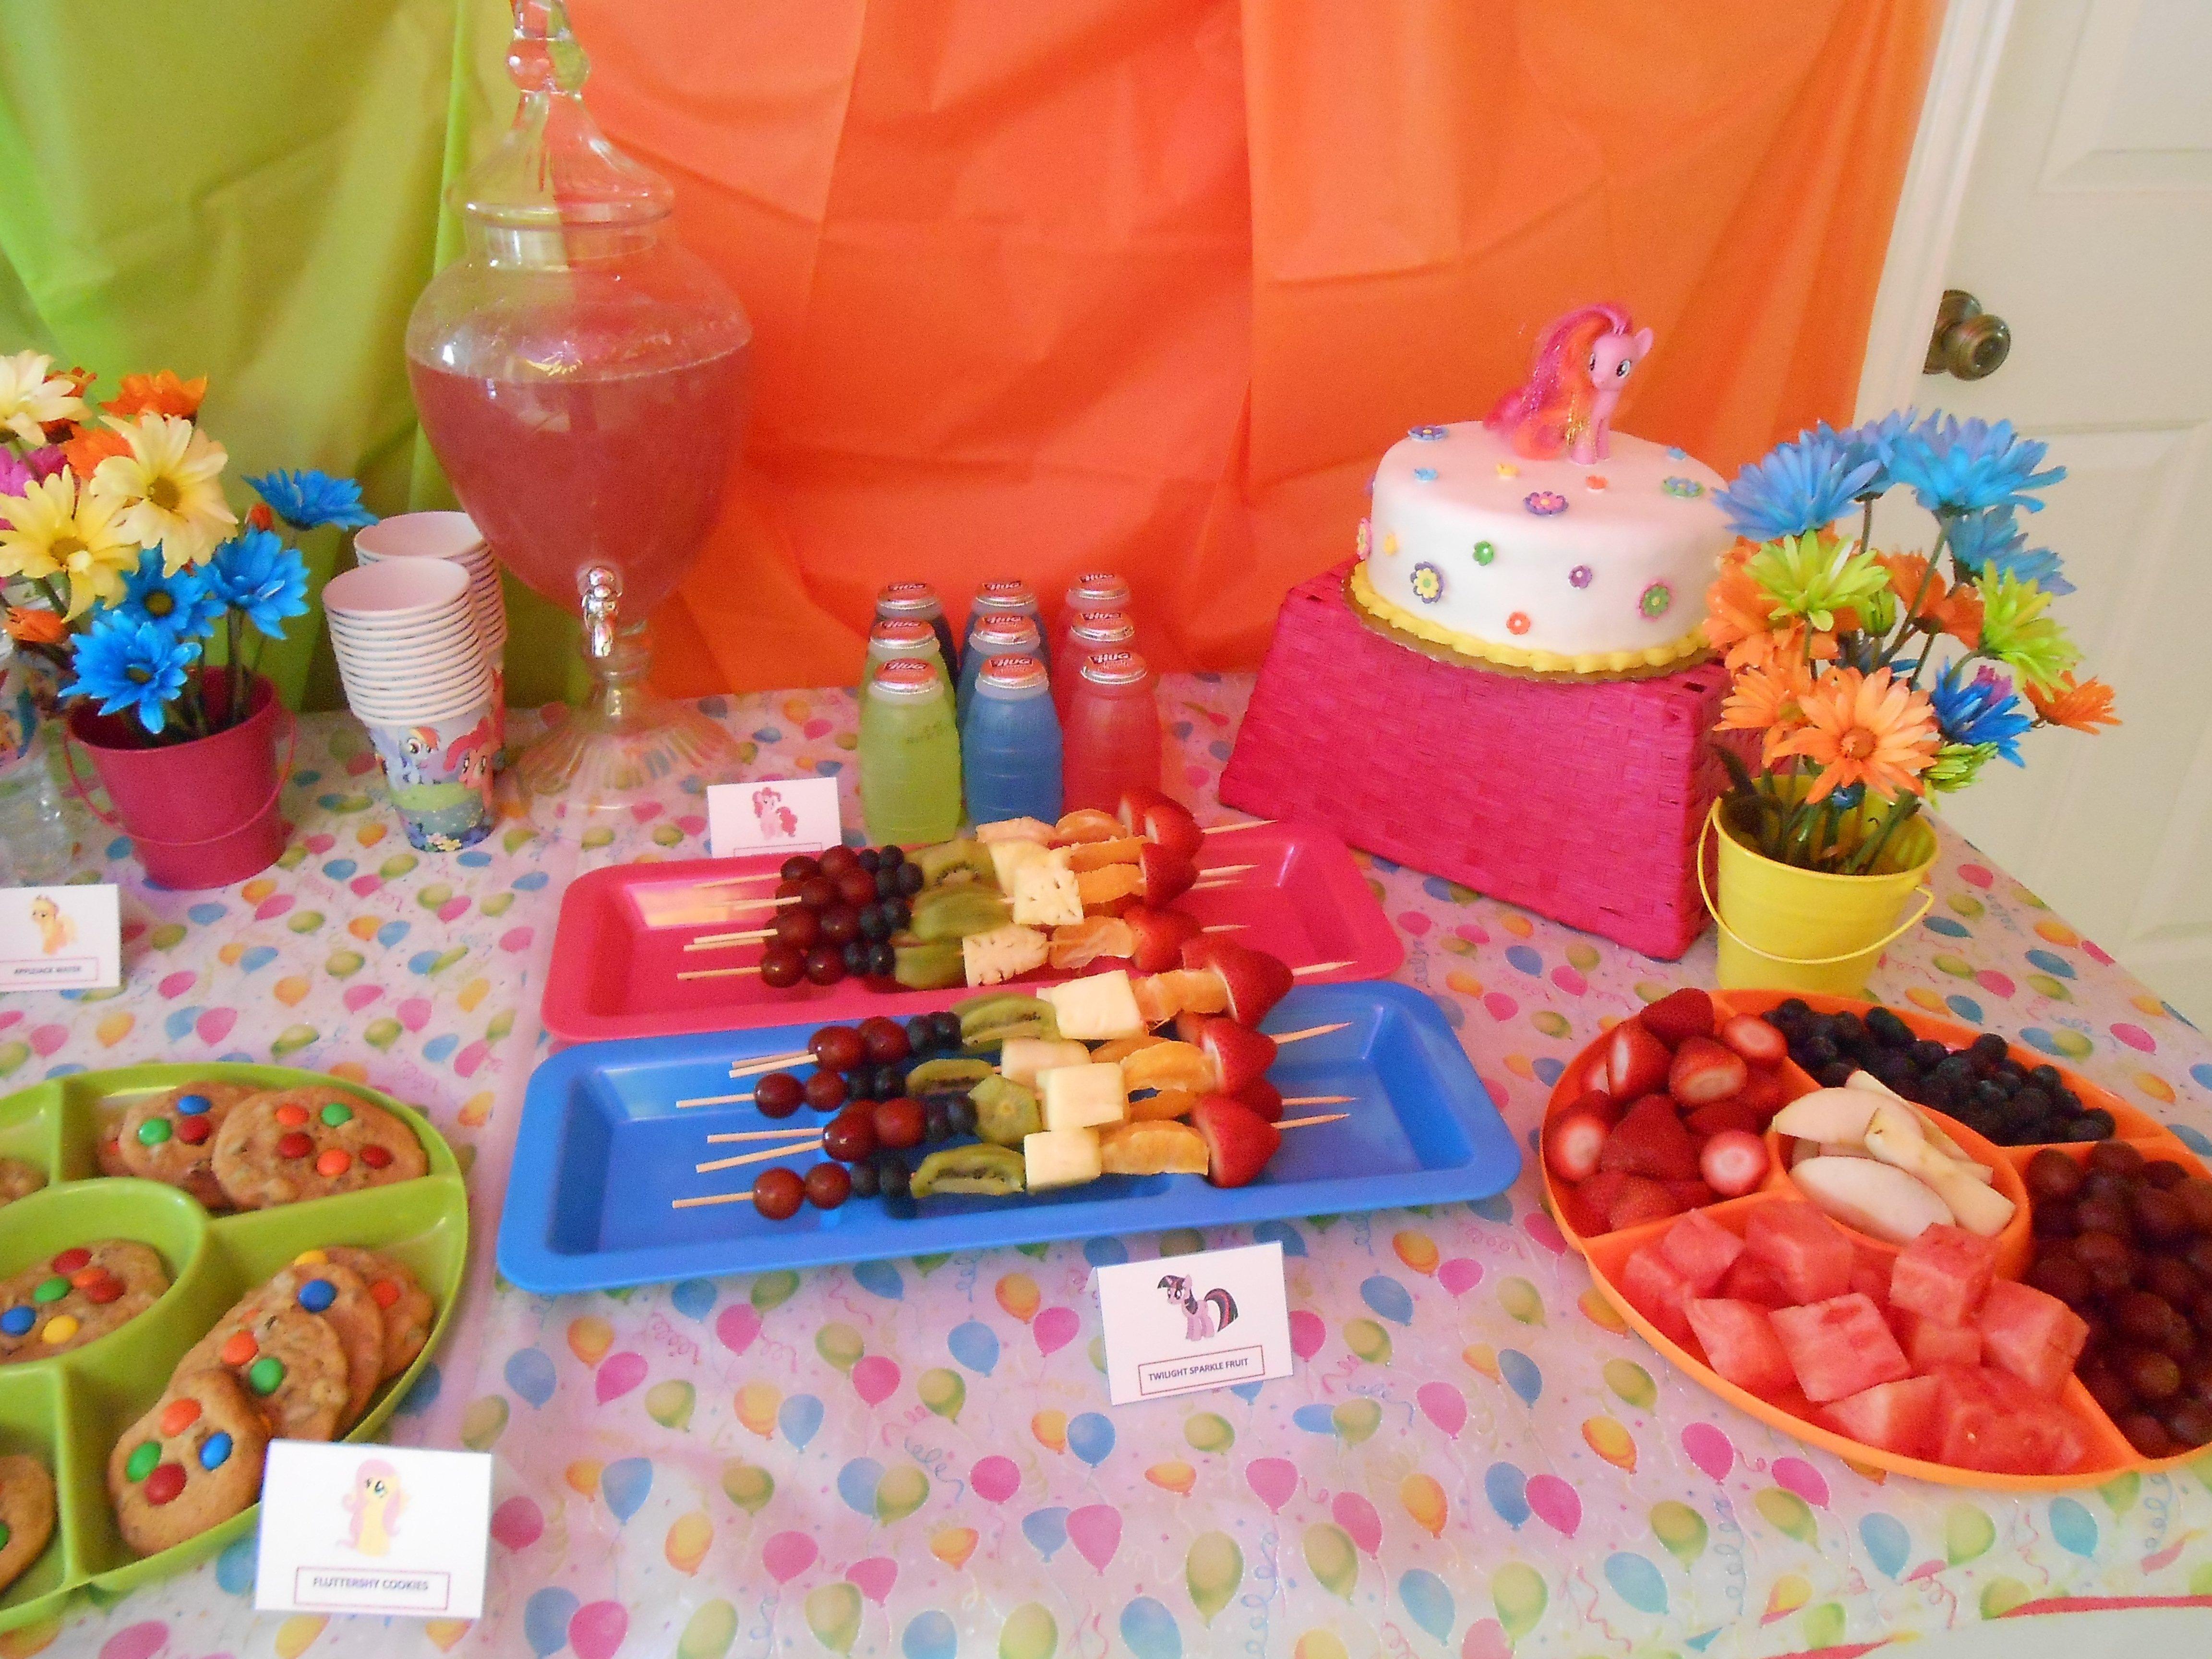 10 Pretty My Little Pony Birthday Party Ideas my little pony birthday party just shy of perfection 1 2021